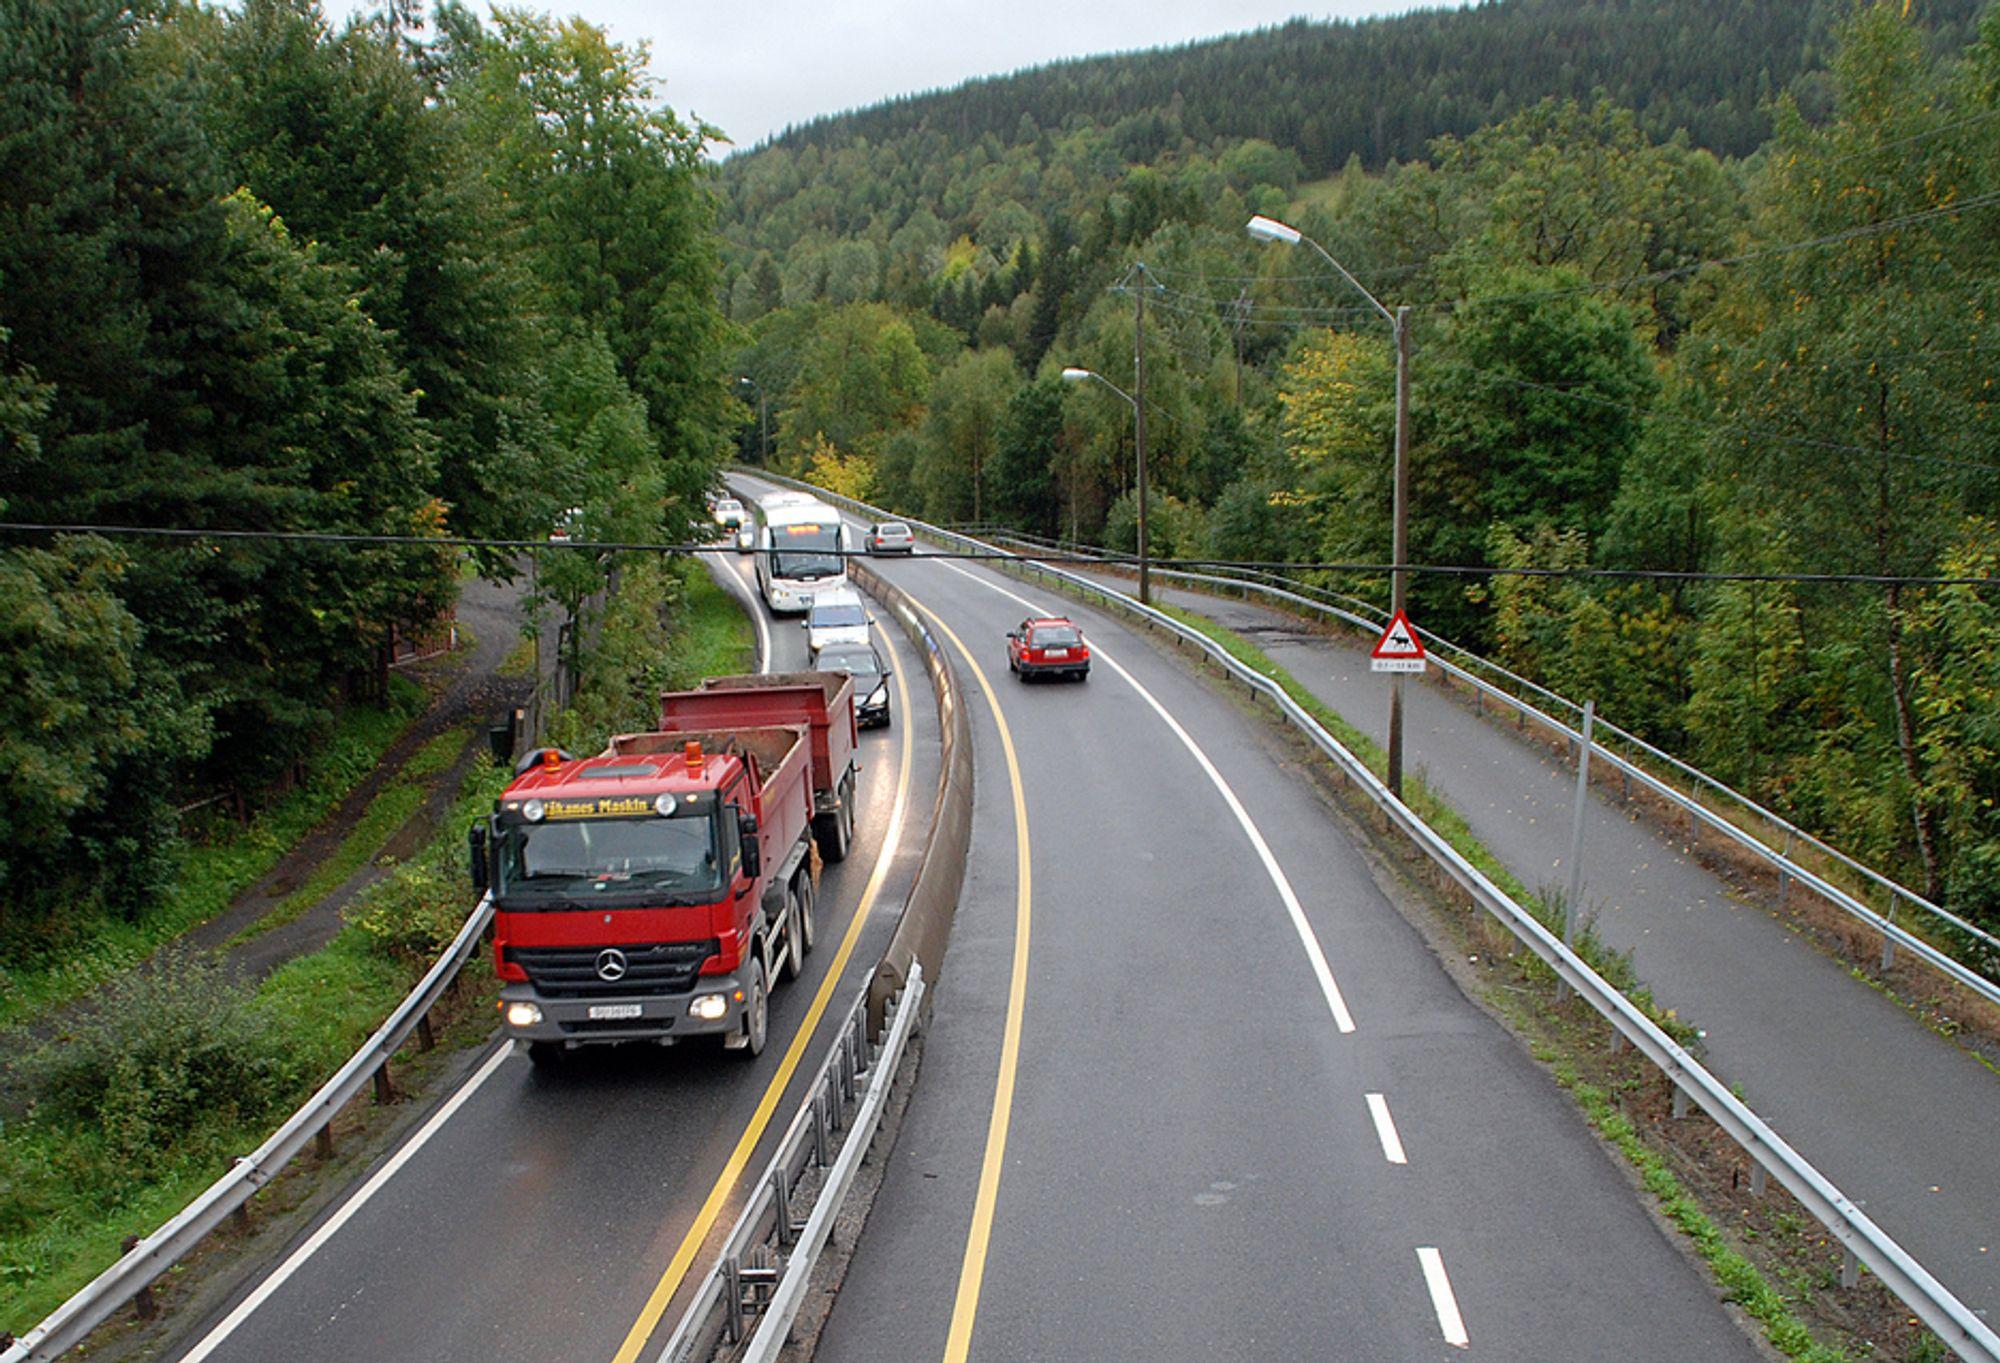 DÅRLIG UTVIKLING: I 2001 hadde Norge færrest trafikkdrepte i Europa, men nå er trenden snudd på hodet.